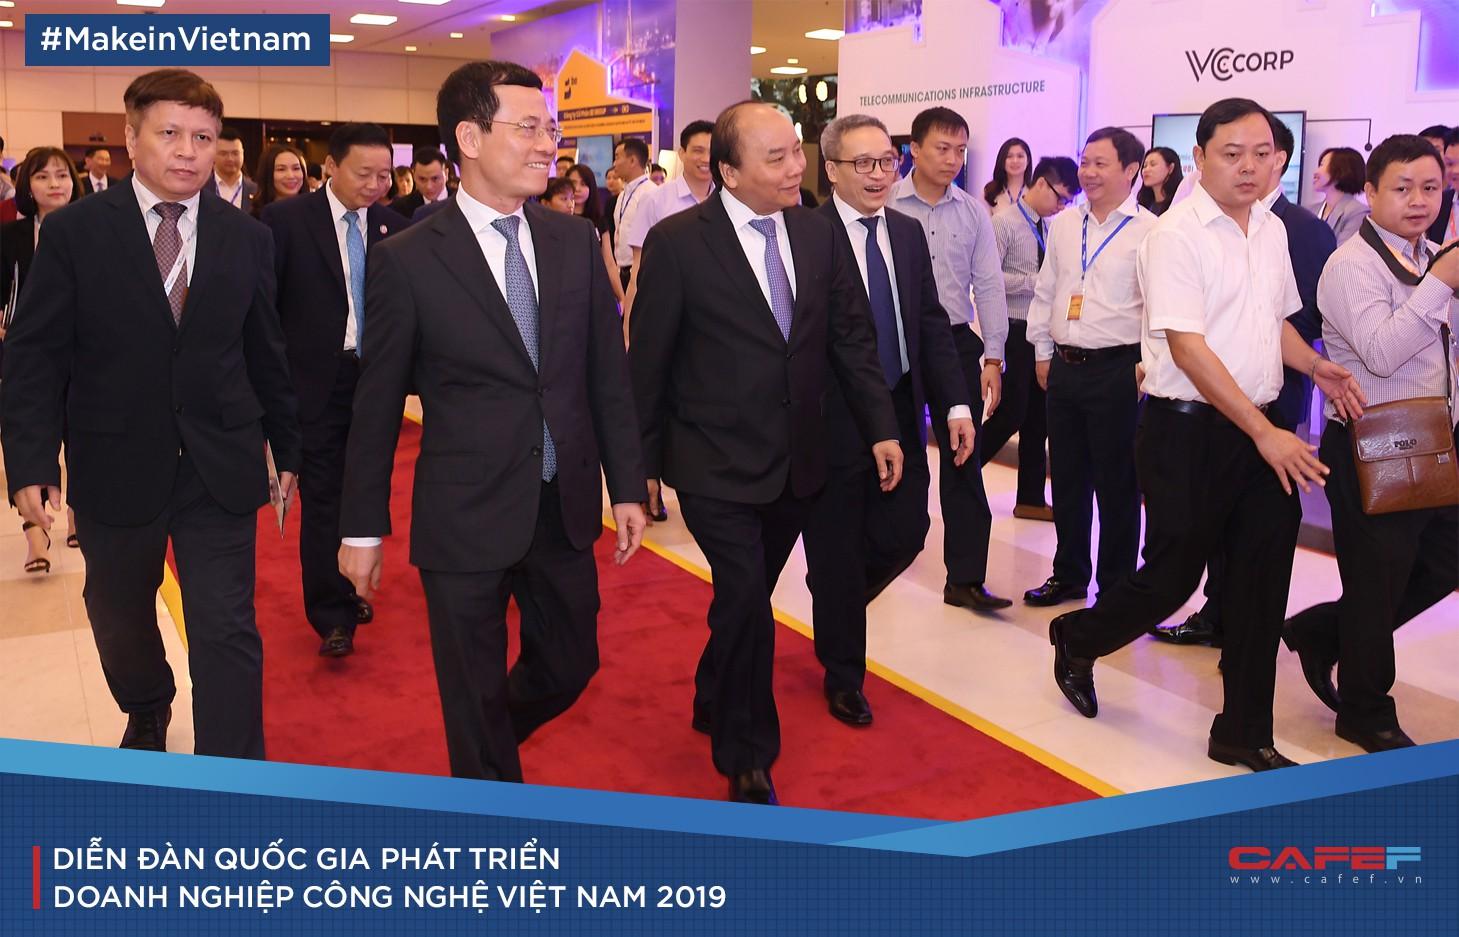 """Góc nhìn lạ đằng sau """"Make in Vietnam"""" của Bộ trưởng Nguyễn Mạnh Hùng - Ảnh 10."""